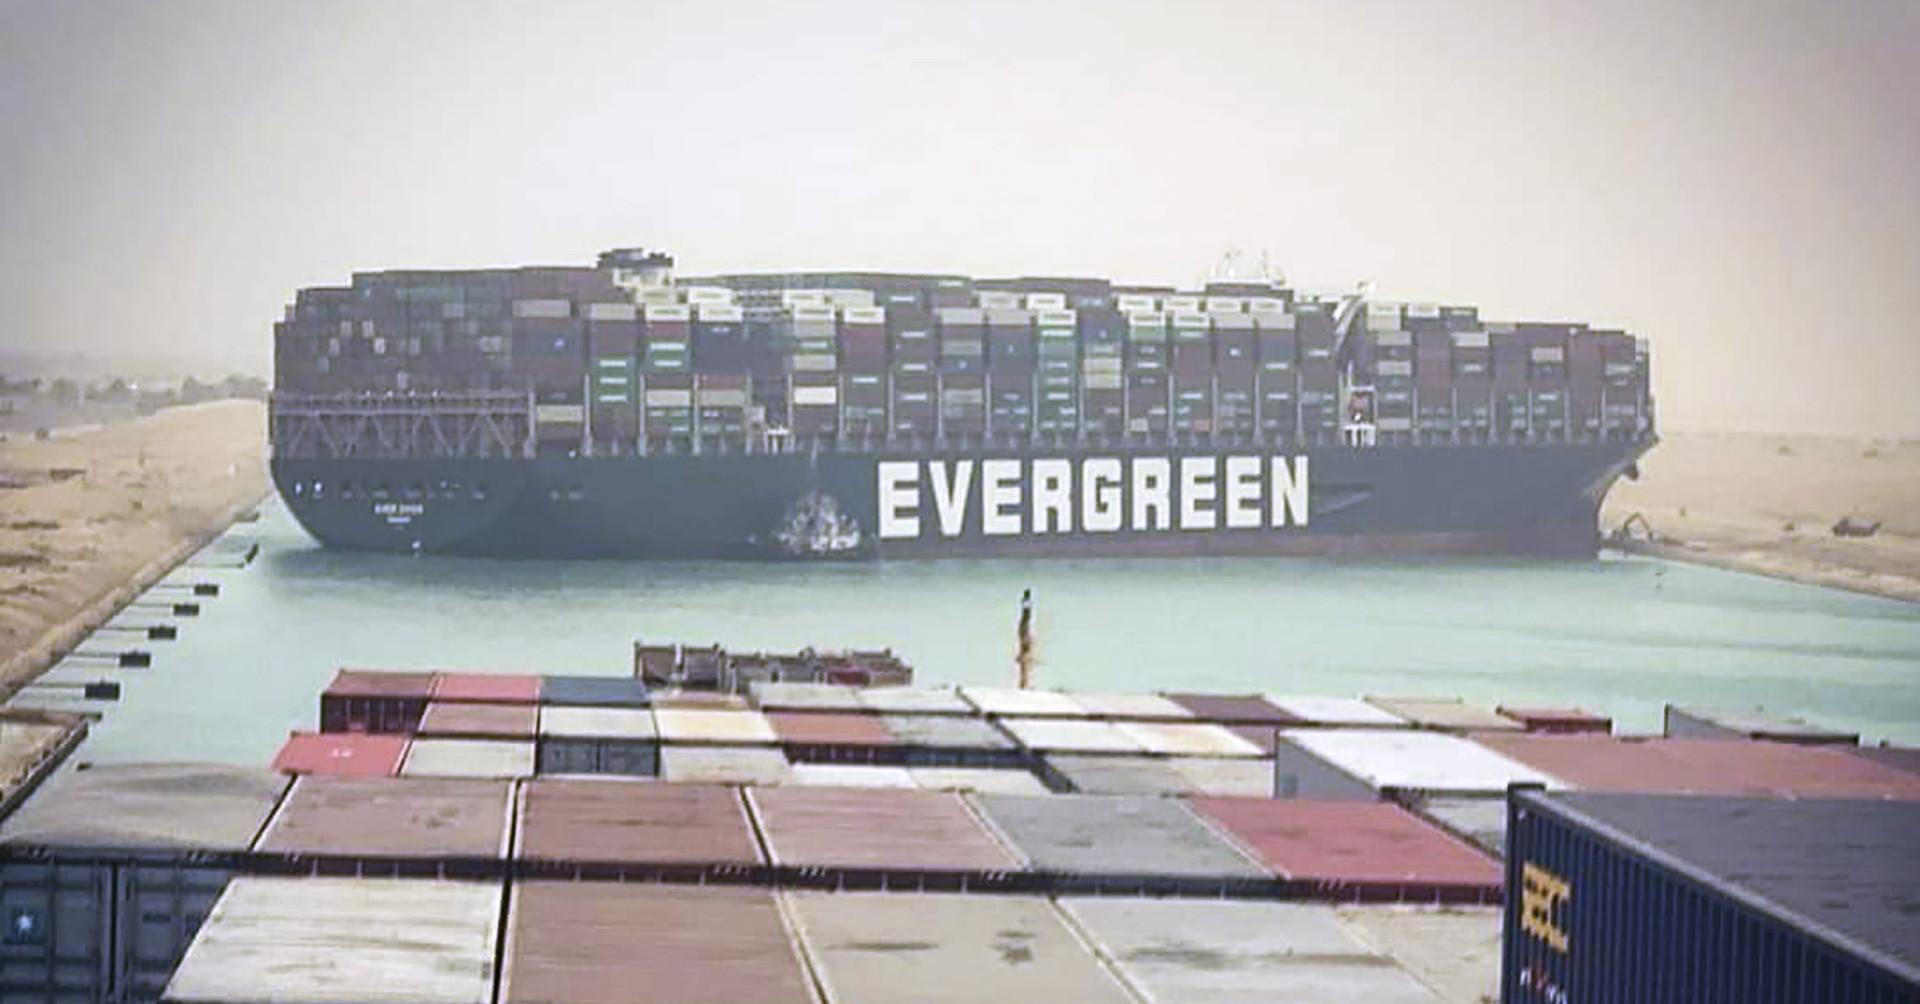 Keresztbe állt egy hajó a Szuezi-csatornán – de nem ez az első eset, hogy megbénult az útvonal